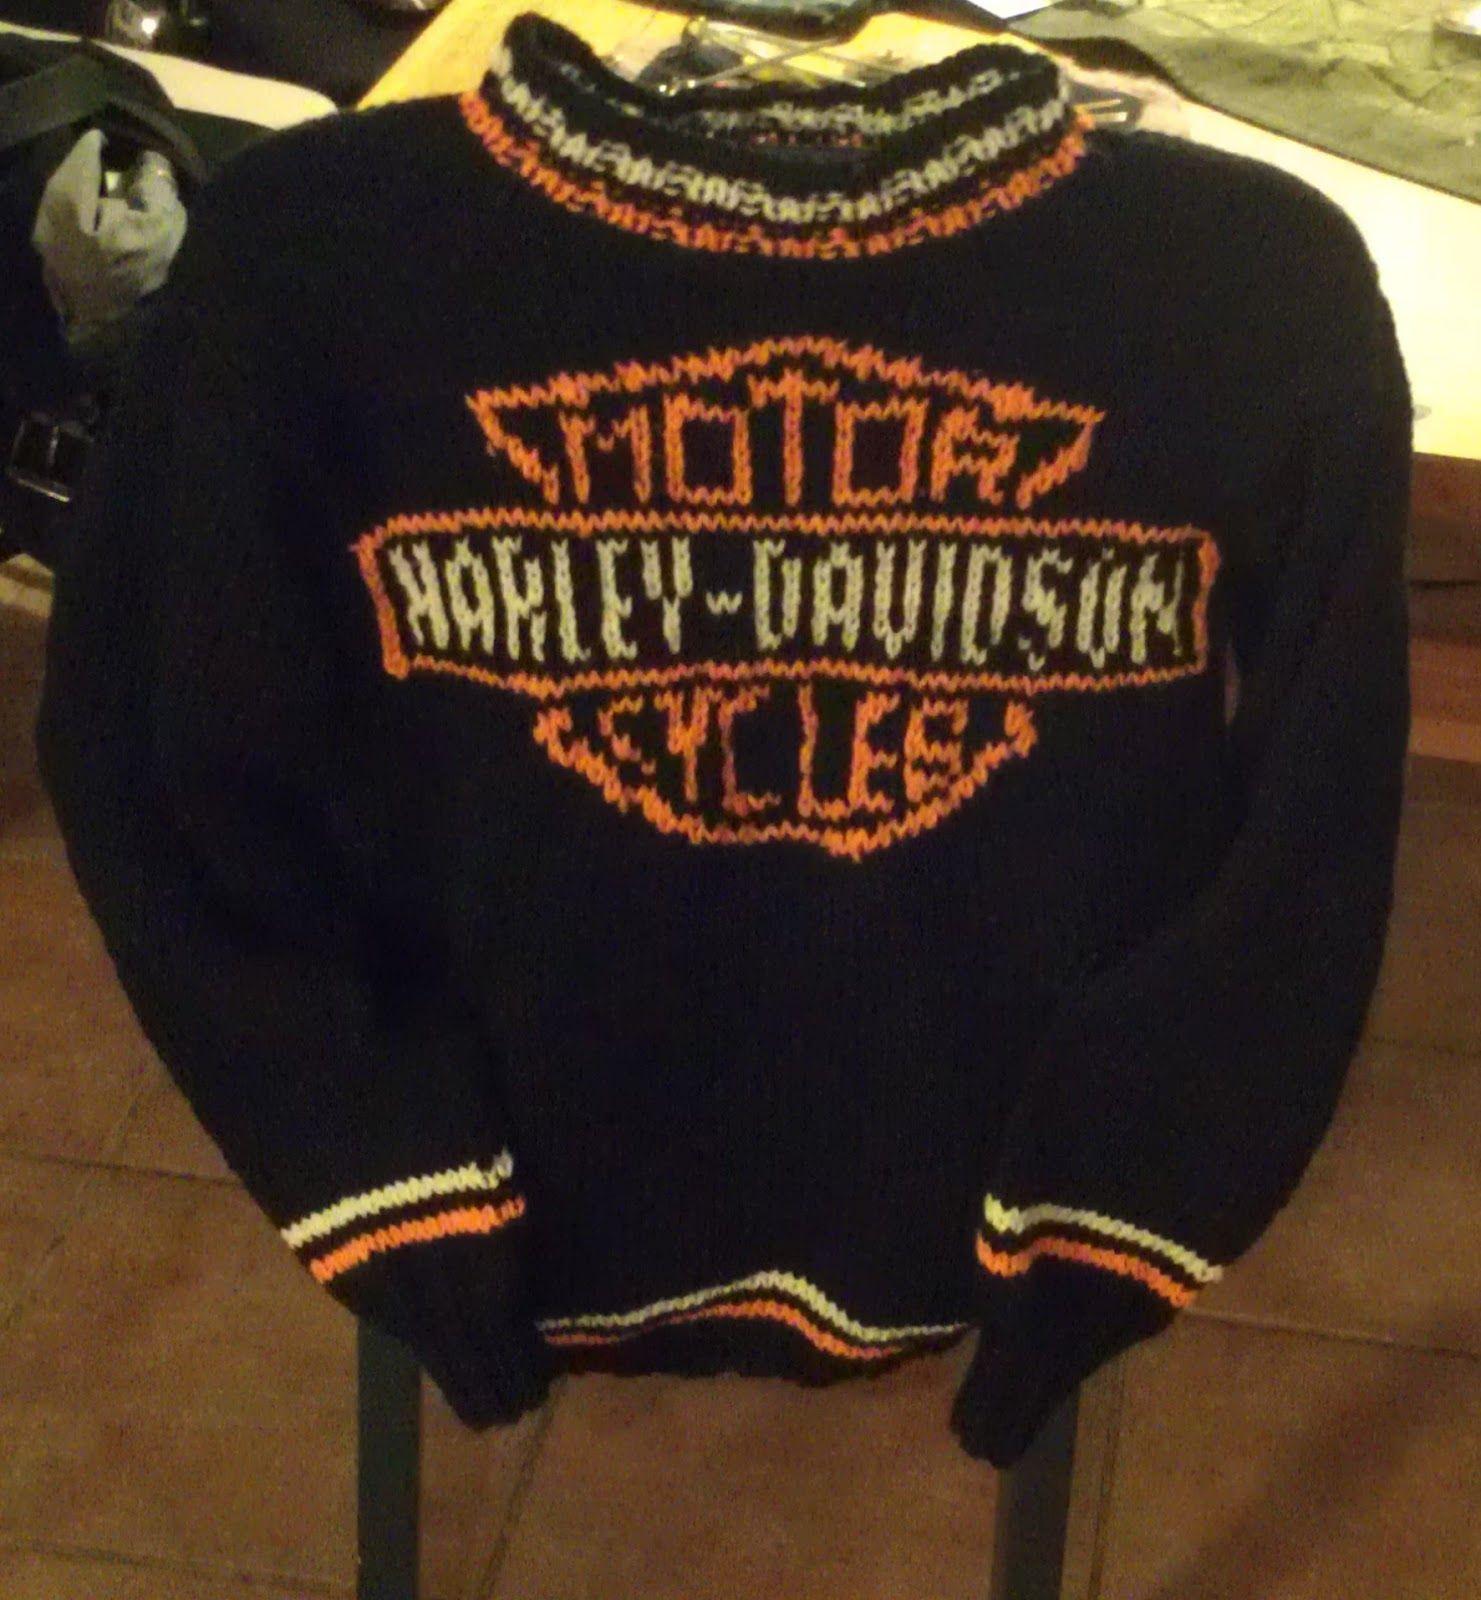 Da var Harley genser nr 3 i voksne str ferdig . Kjenner jeg